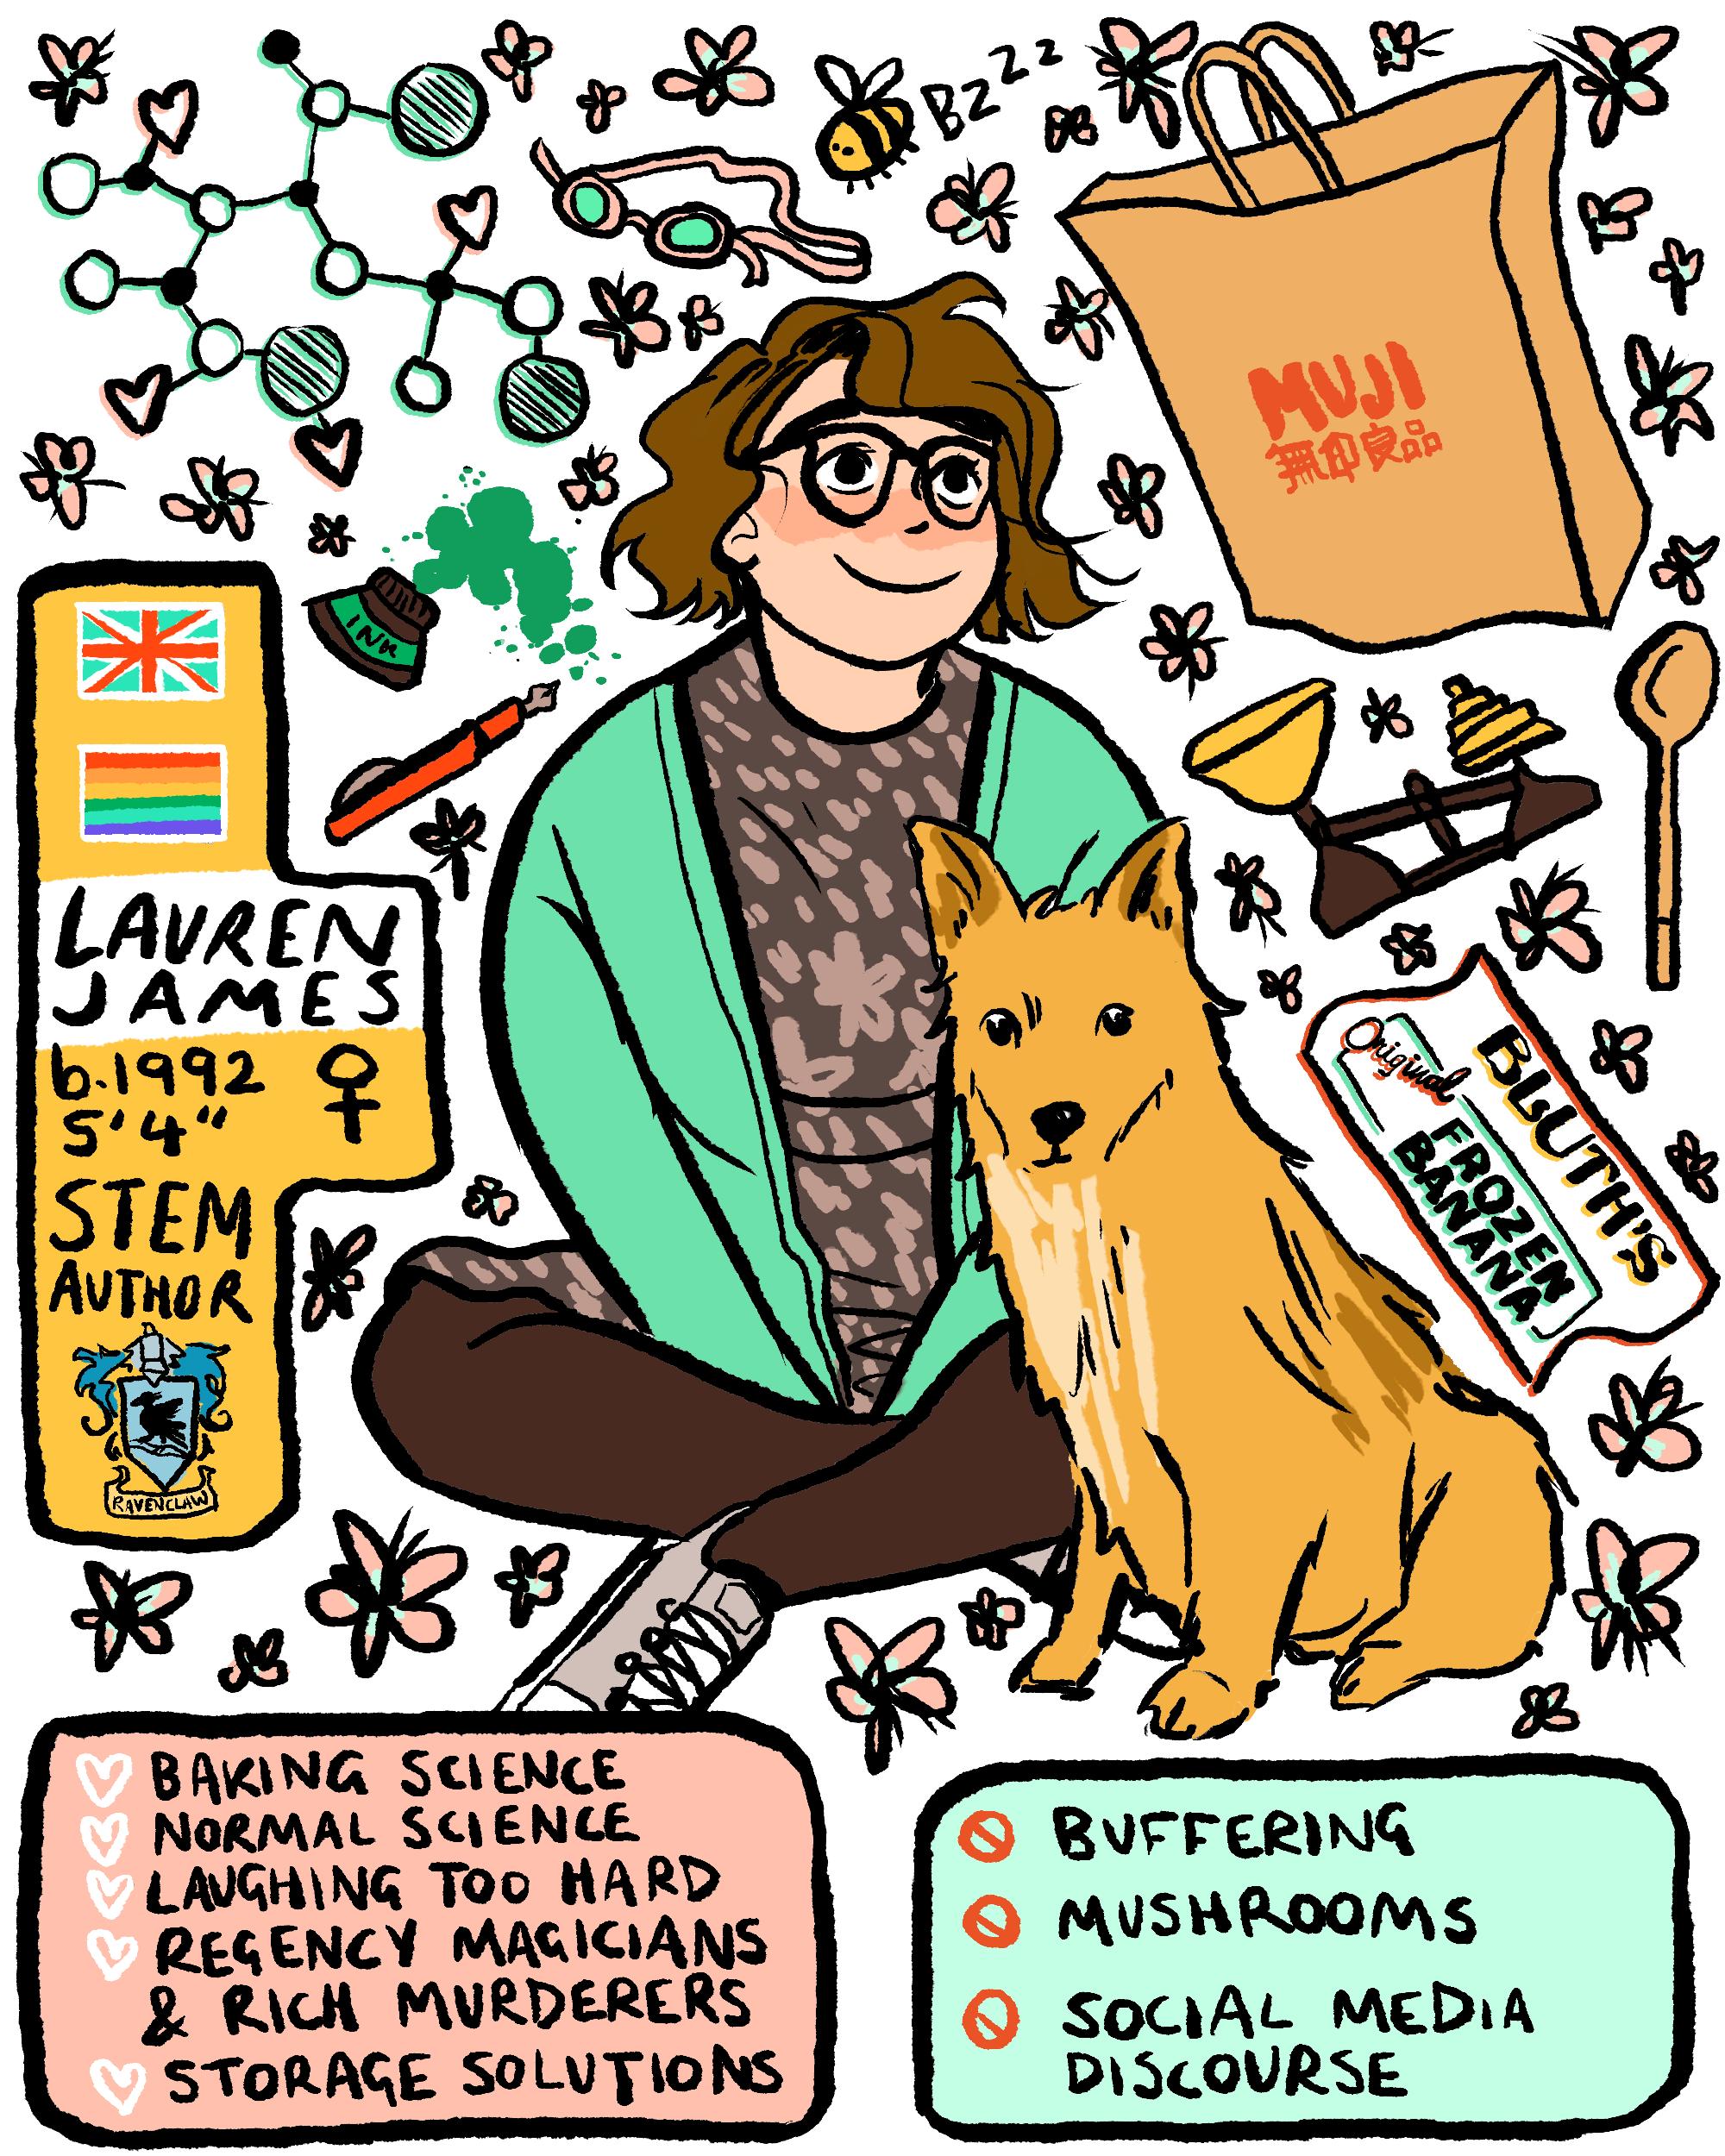 Meet The Artist - Lauren James